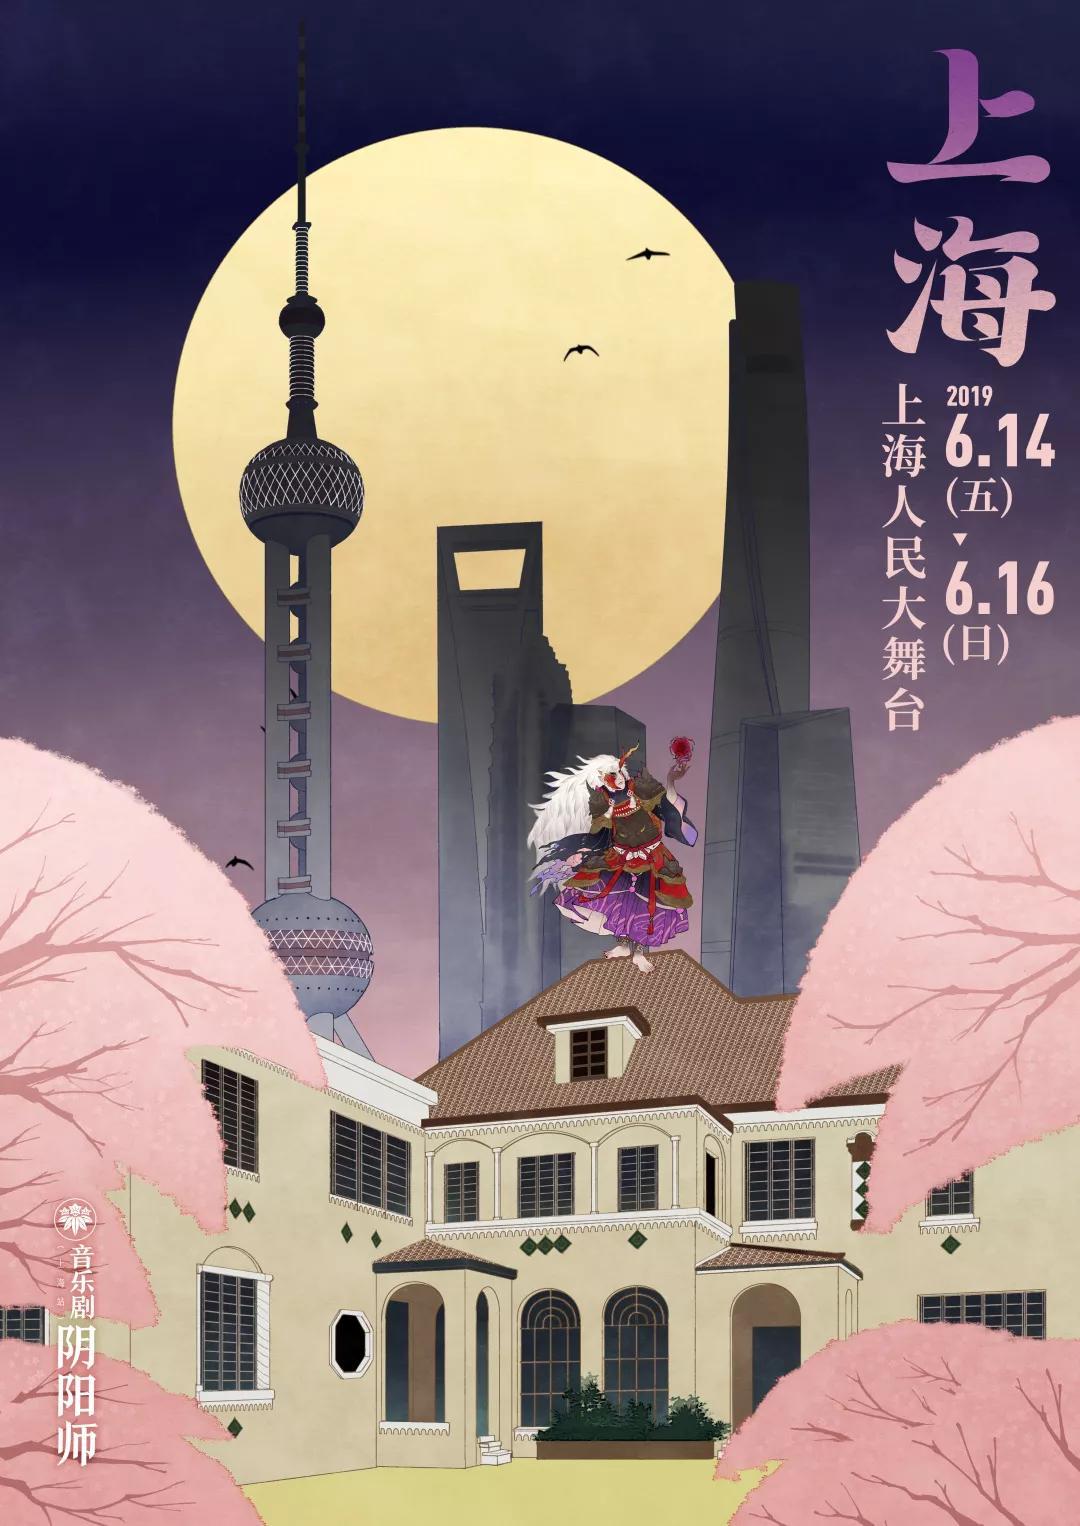 鄭州城市海報手繪